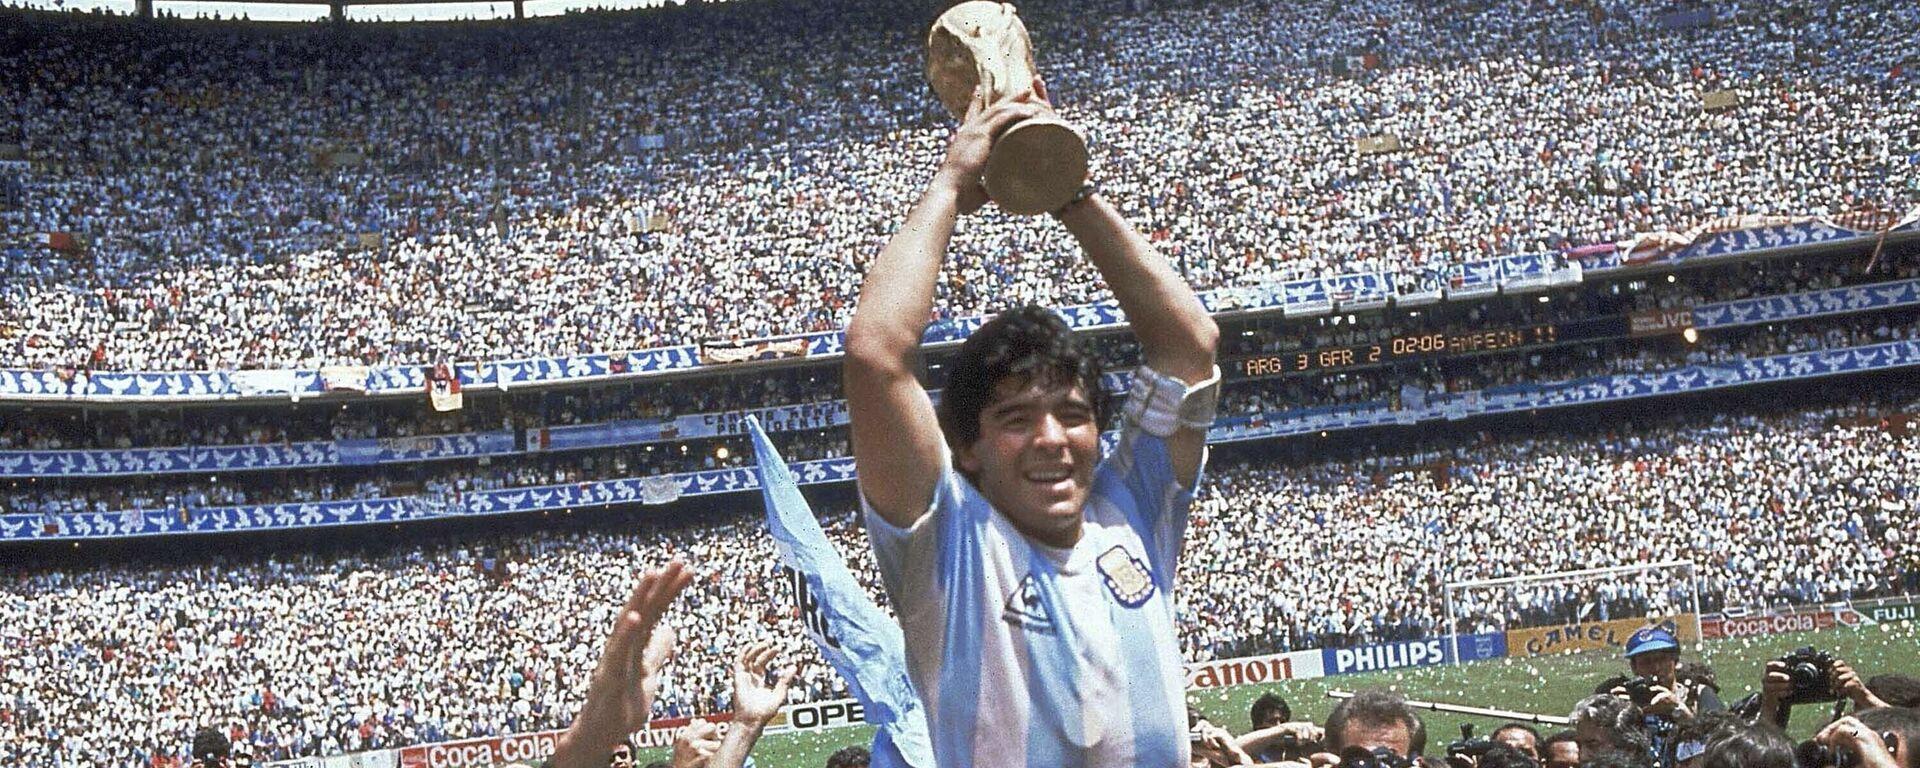 Diego Armando Maradona sostiene el trofeo de su equipo después de la victoria de Argentina por 3-2 sobre Alemania Occidental en la final de la Copa del Mundo 1986 - Sputnik Mundo, 1920, 25.03.2021